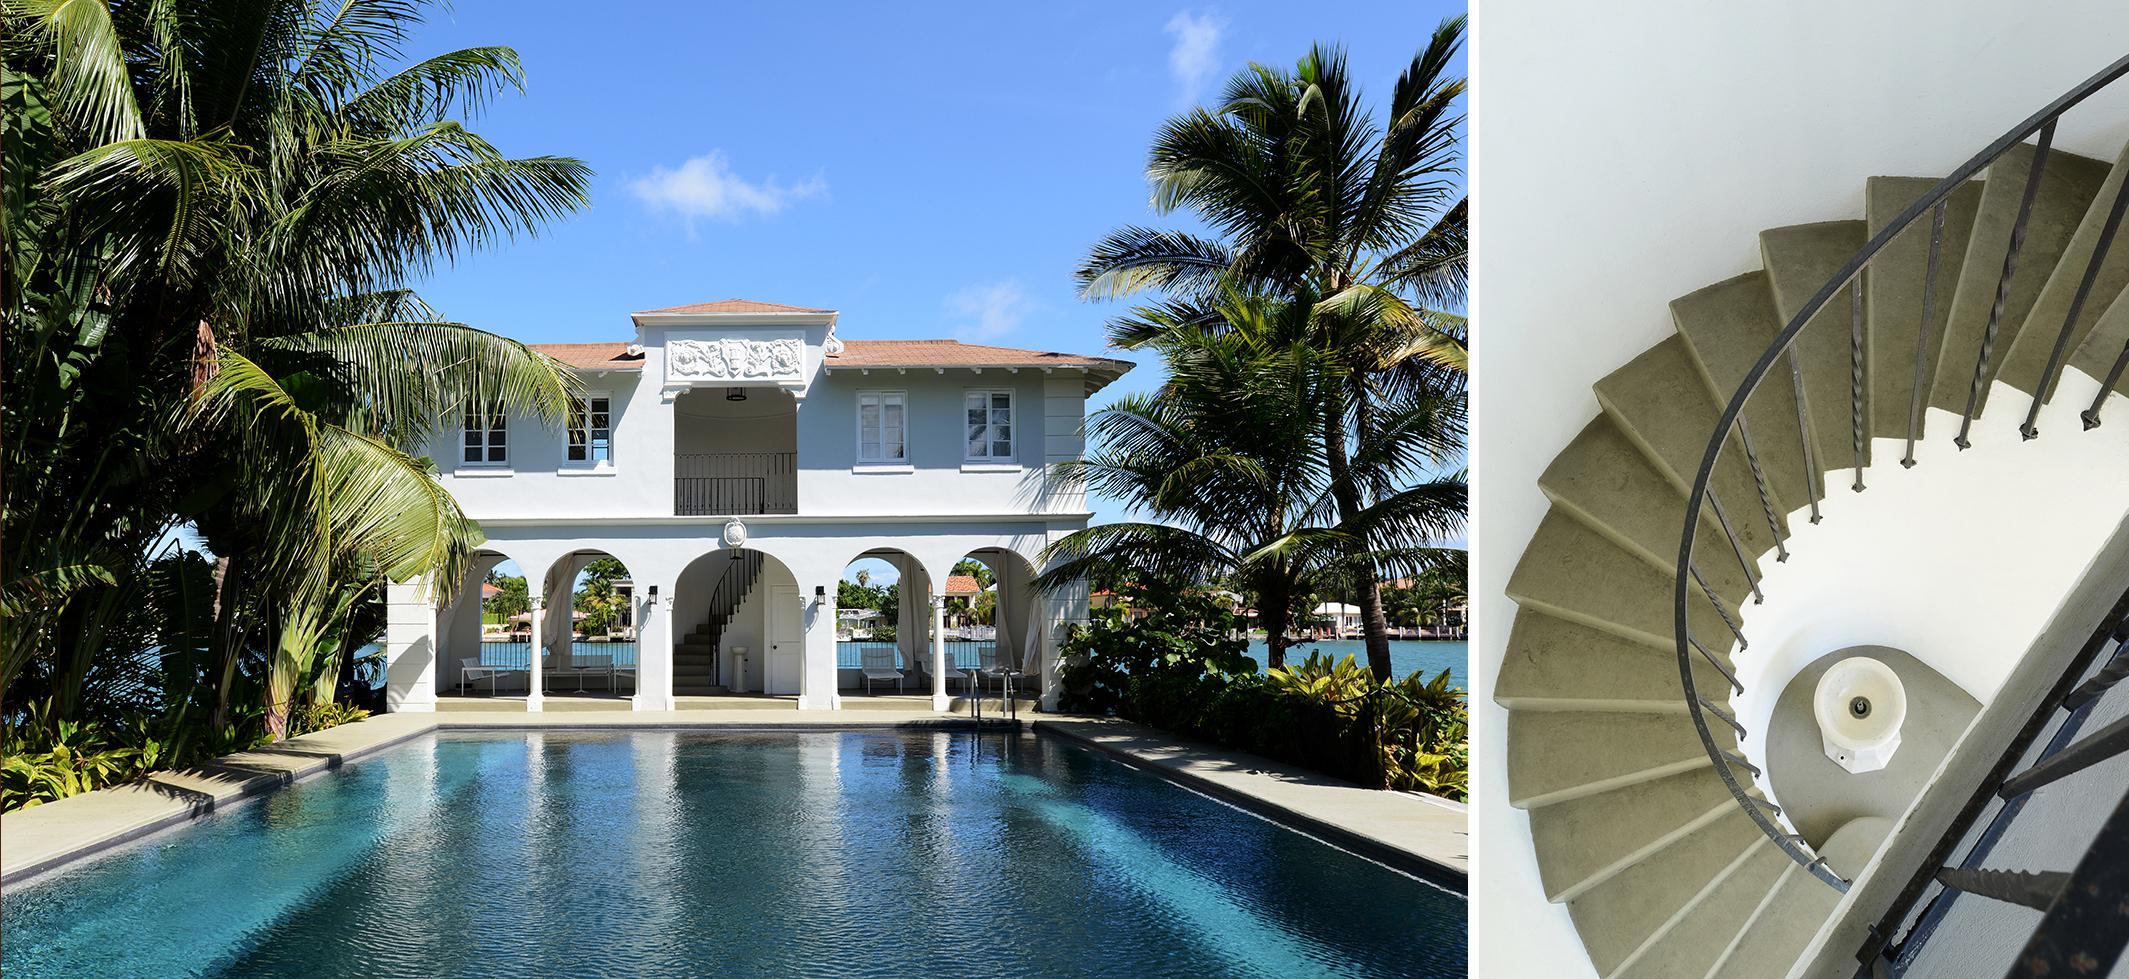 Al Capone Miami Home 93 Palm Ave